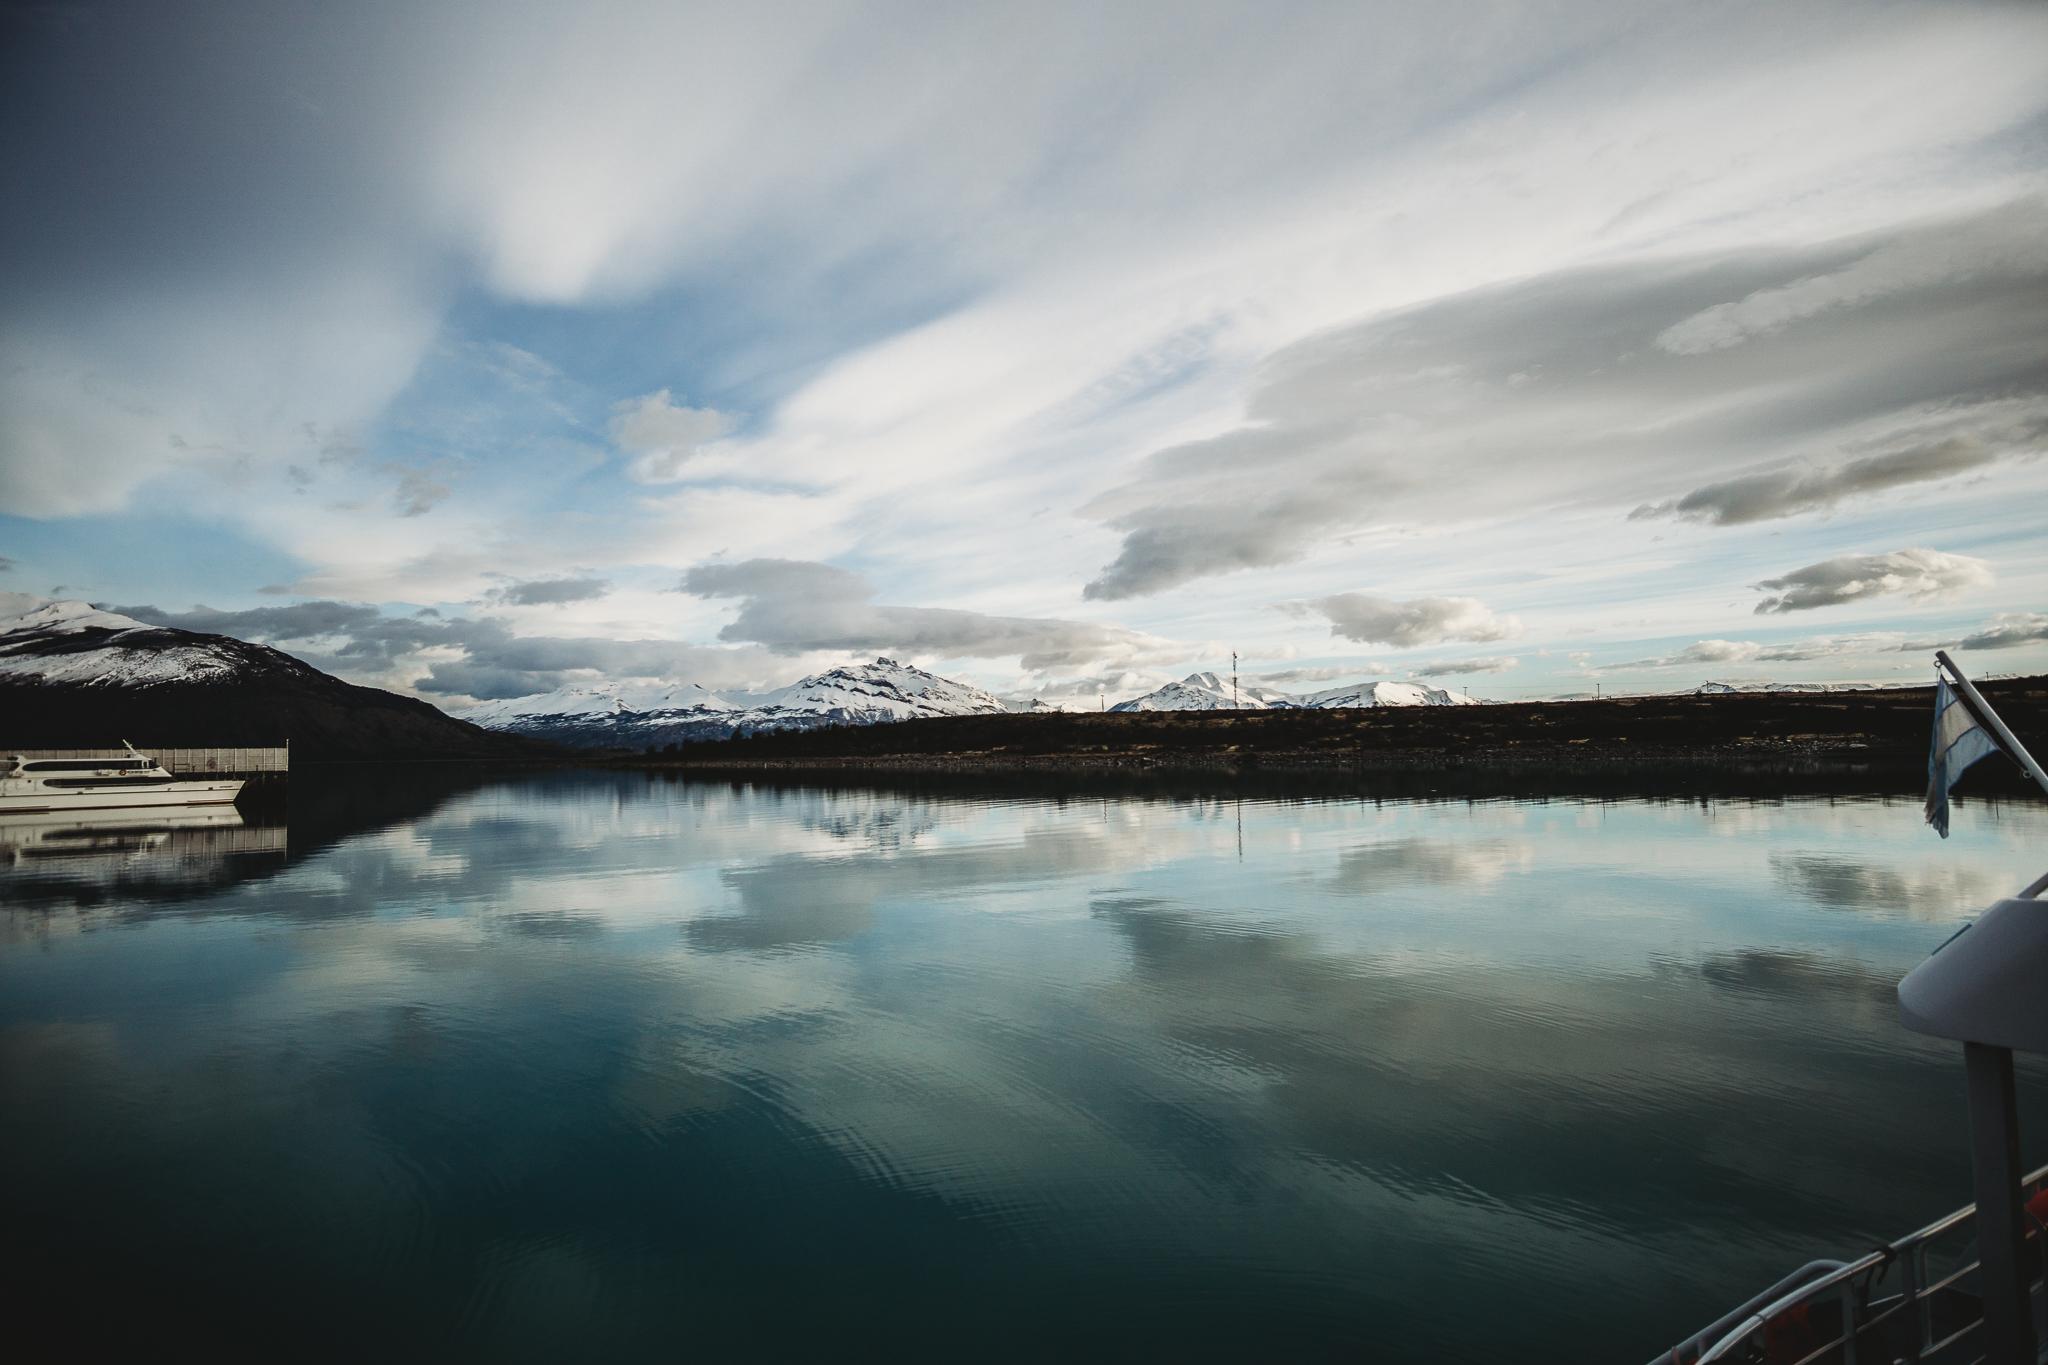 El Calafate, El Chalten, Perito Moreno, Parque Nacional Los Glaciares, Argentina, Buenos Aires-12.jpg